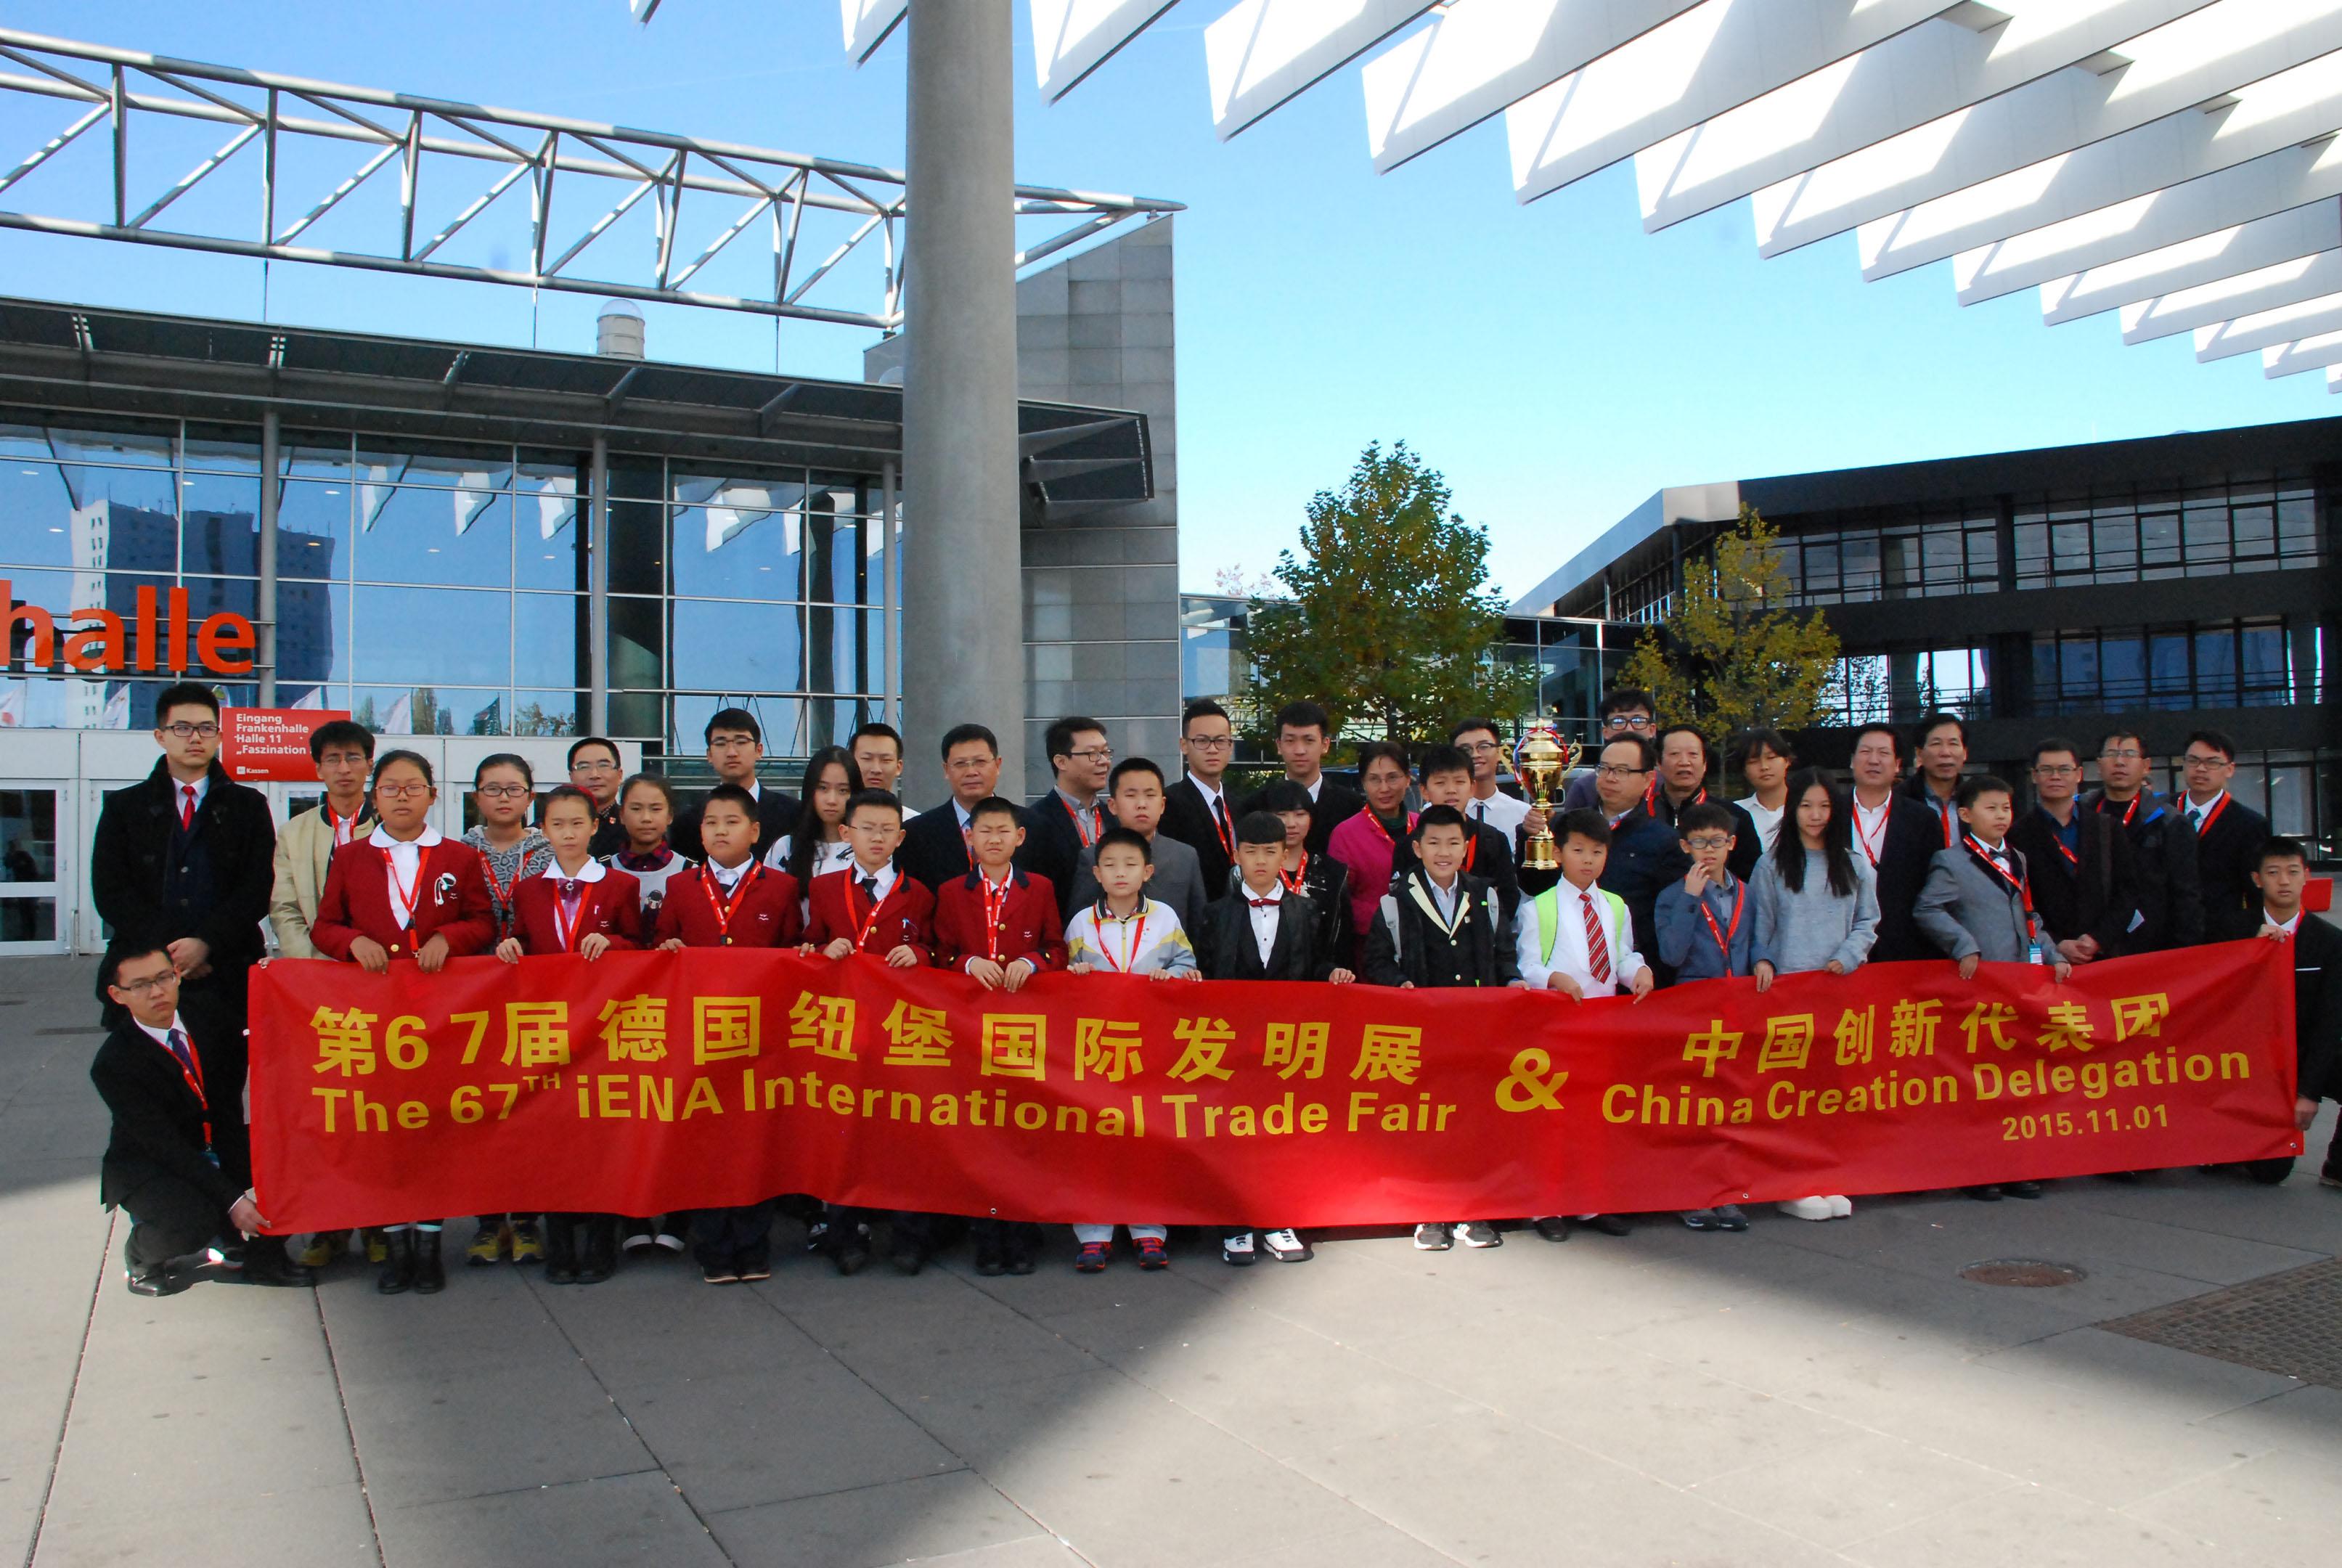 2015年第67届德国纽伦堡国际发明展&中国创新代表团合影照片